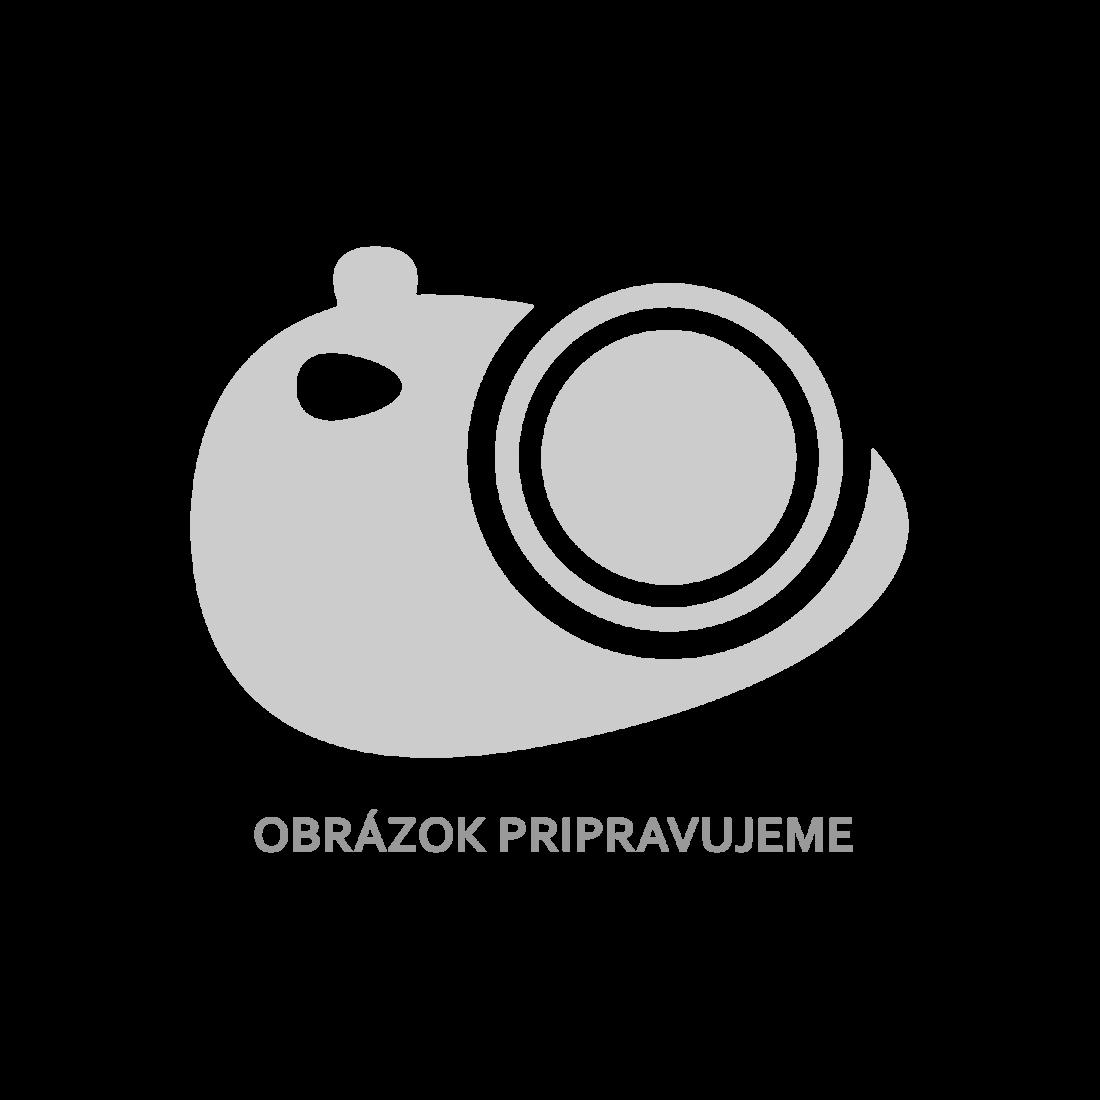 vidaXL Bistro stolek antracitový 70 x 70 x 72 cm plast [48801]